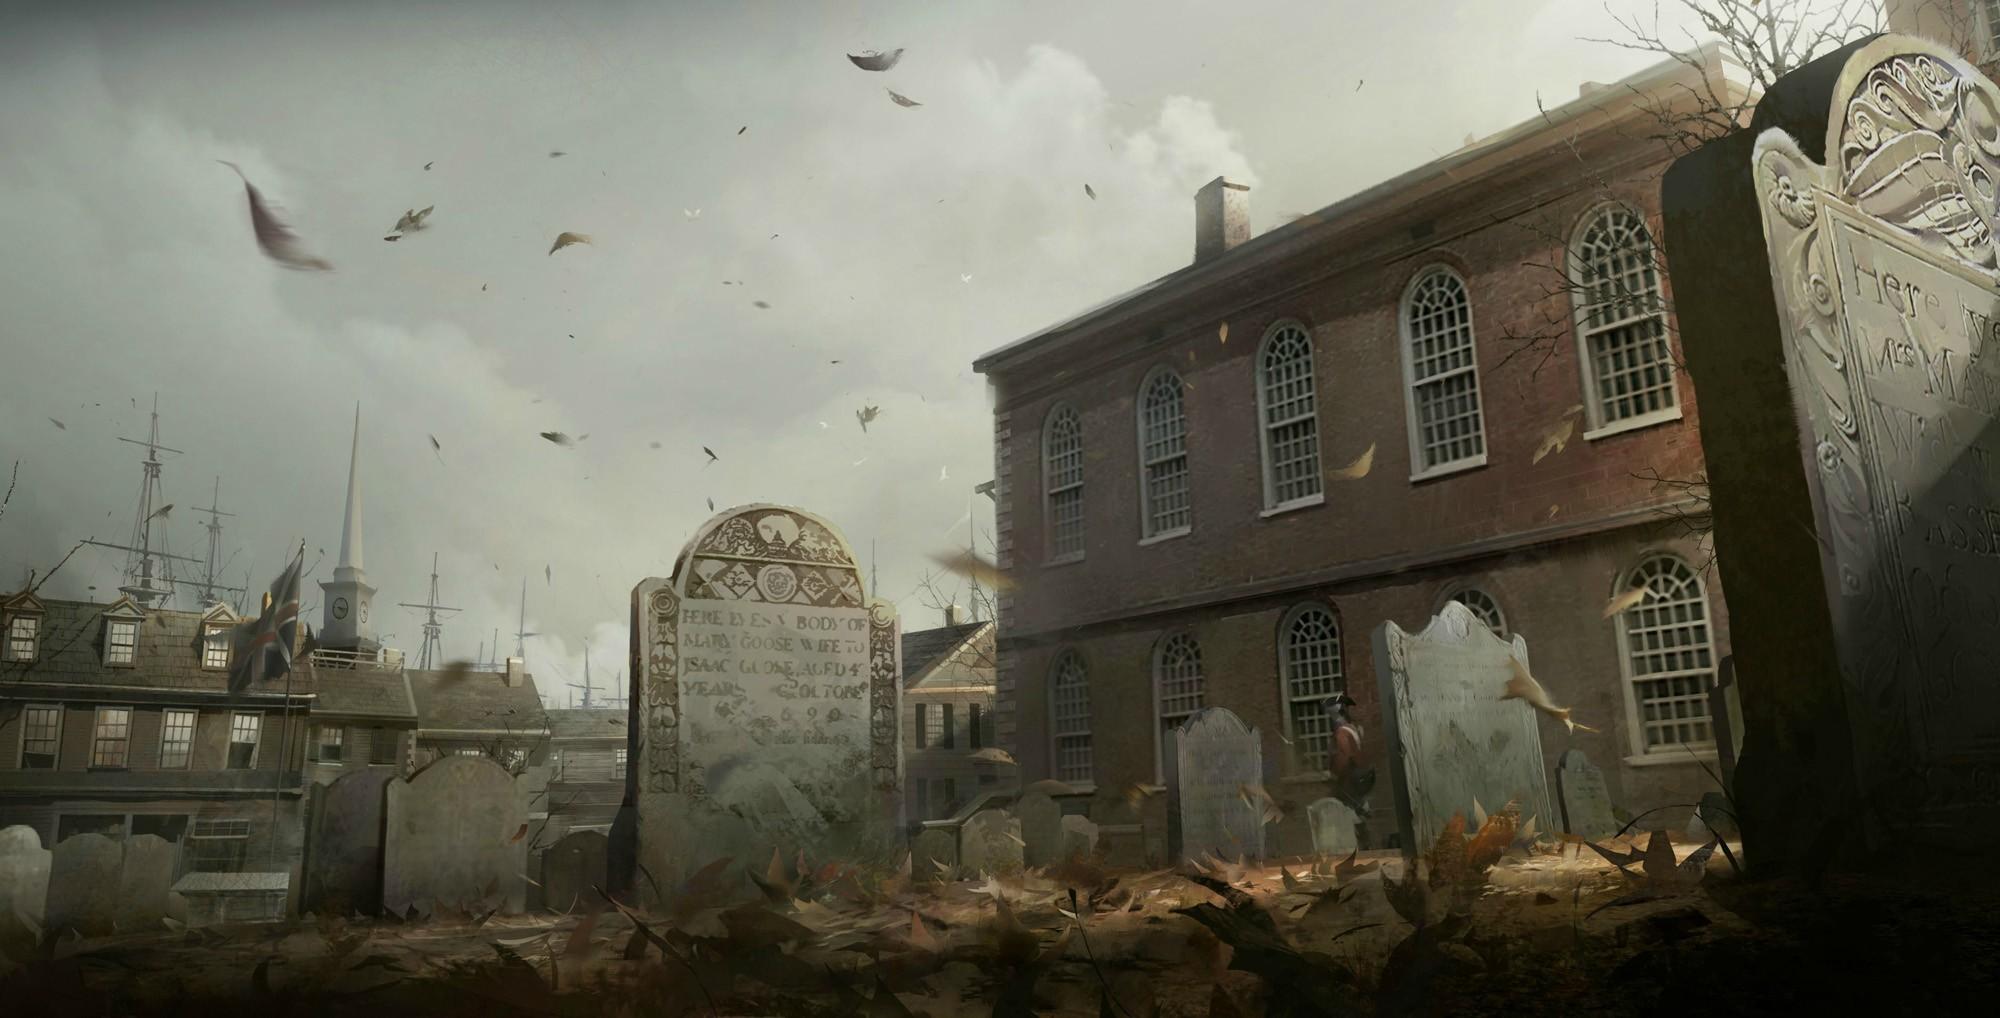 Nové obrázky a artworky z Assassin's Creed 3 71193